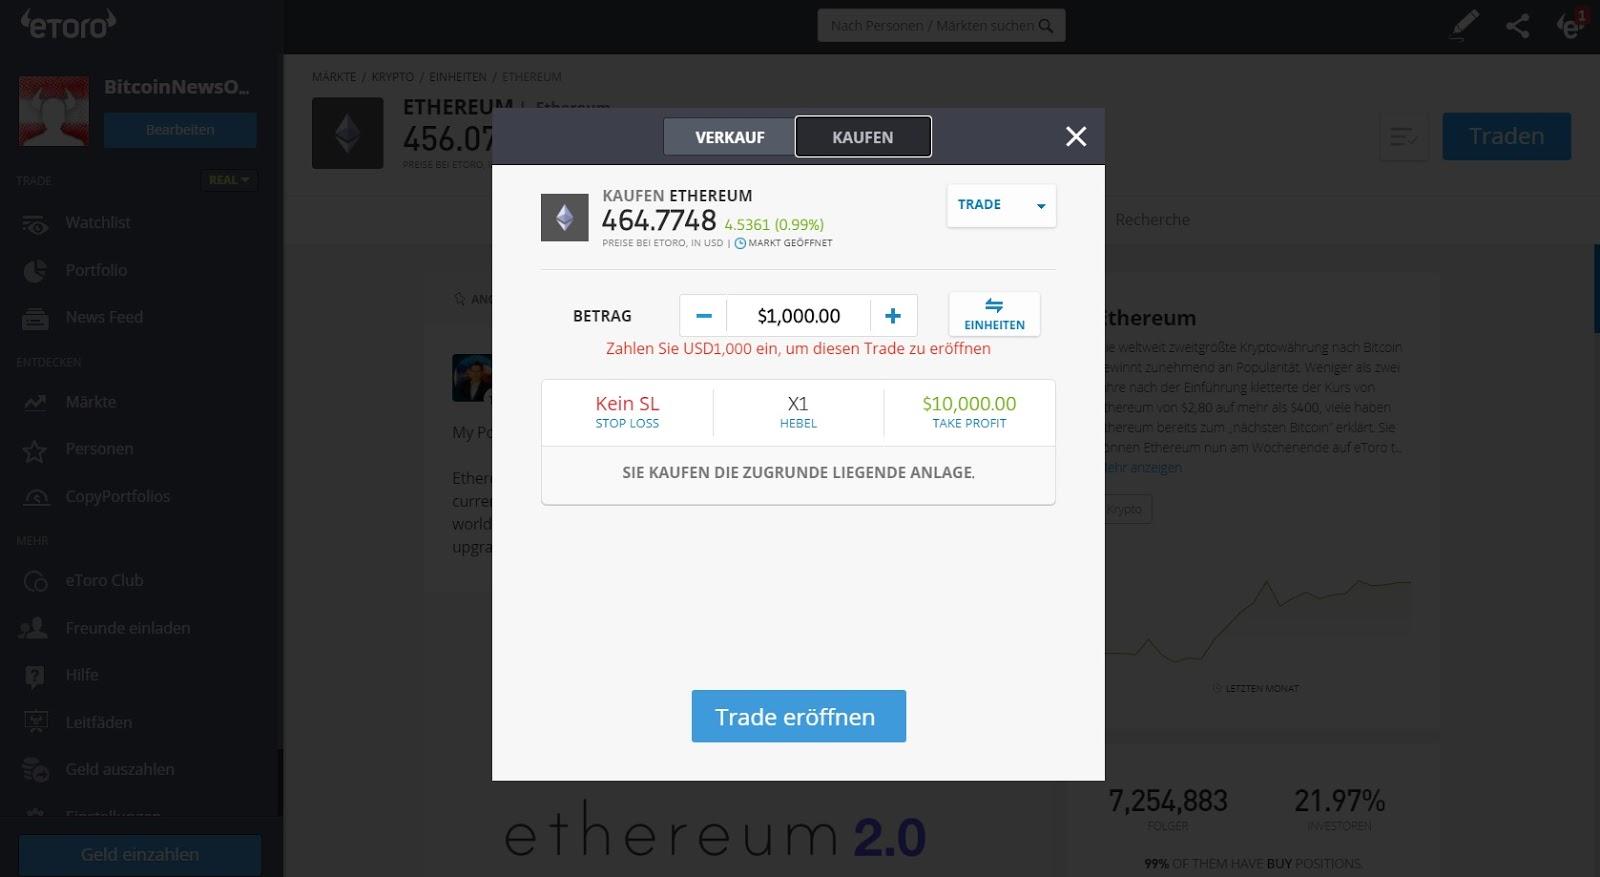 Cours d'achat eToro Ethereum et aperçu des prix